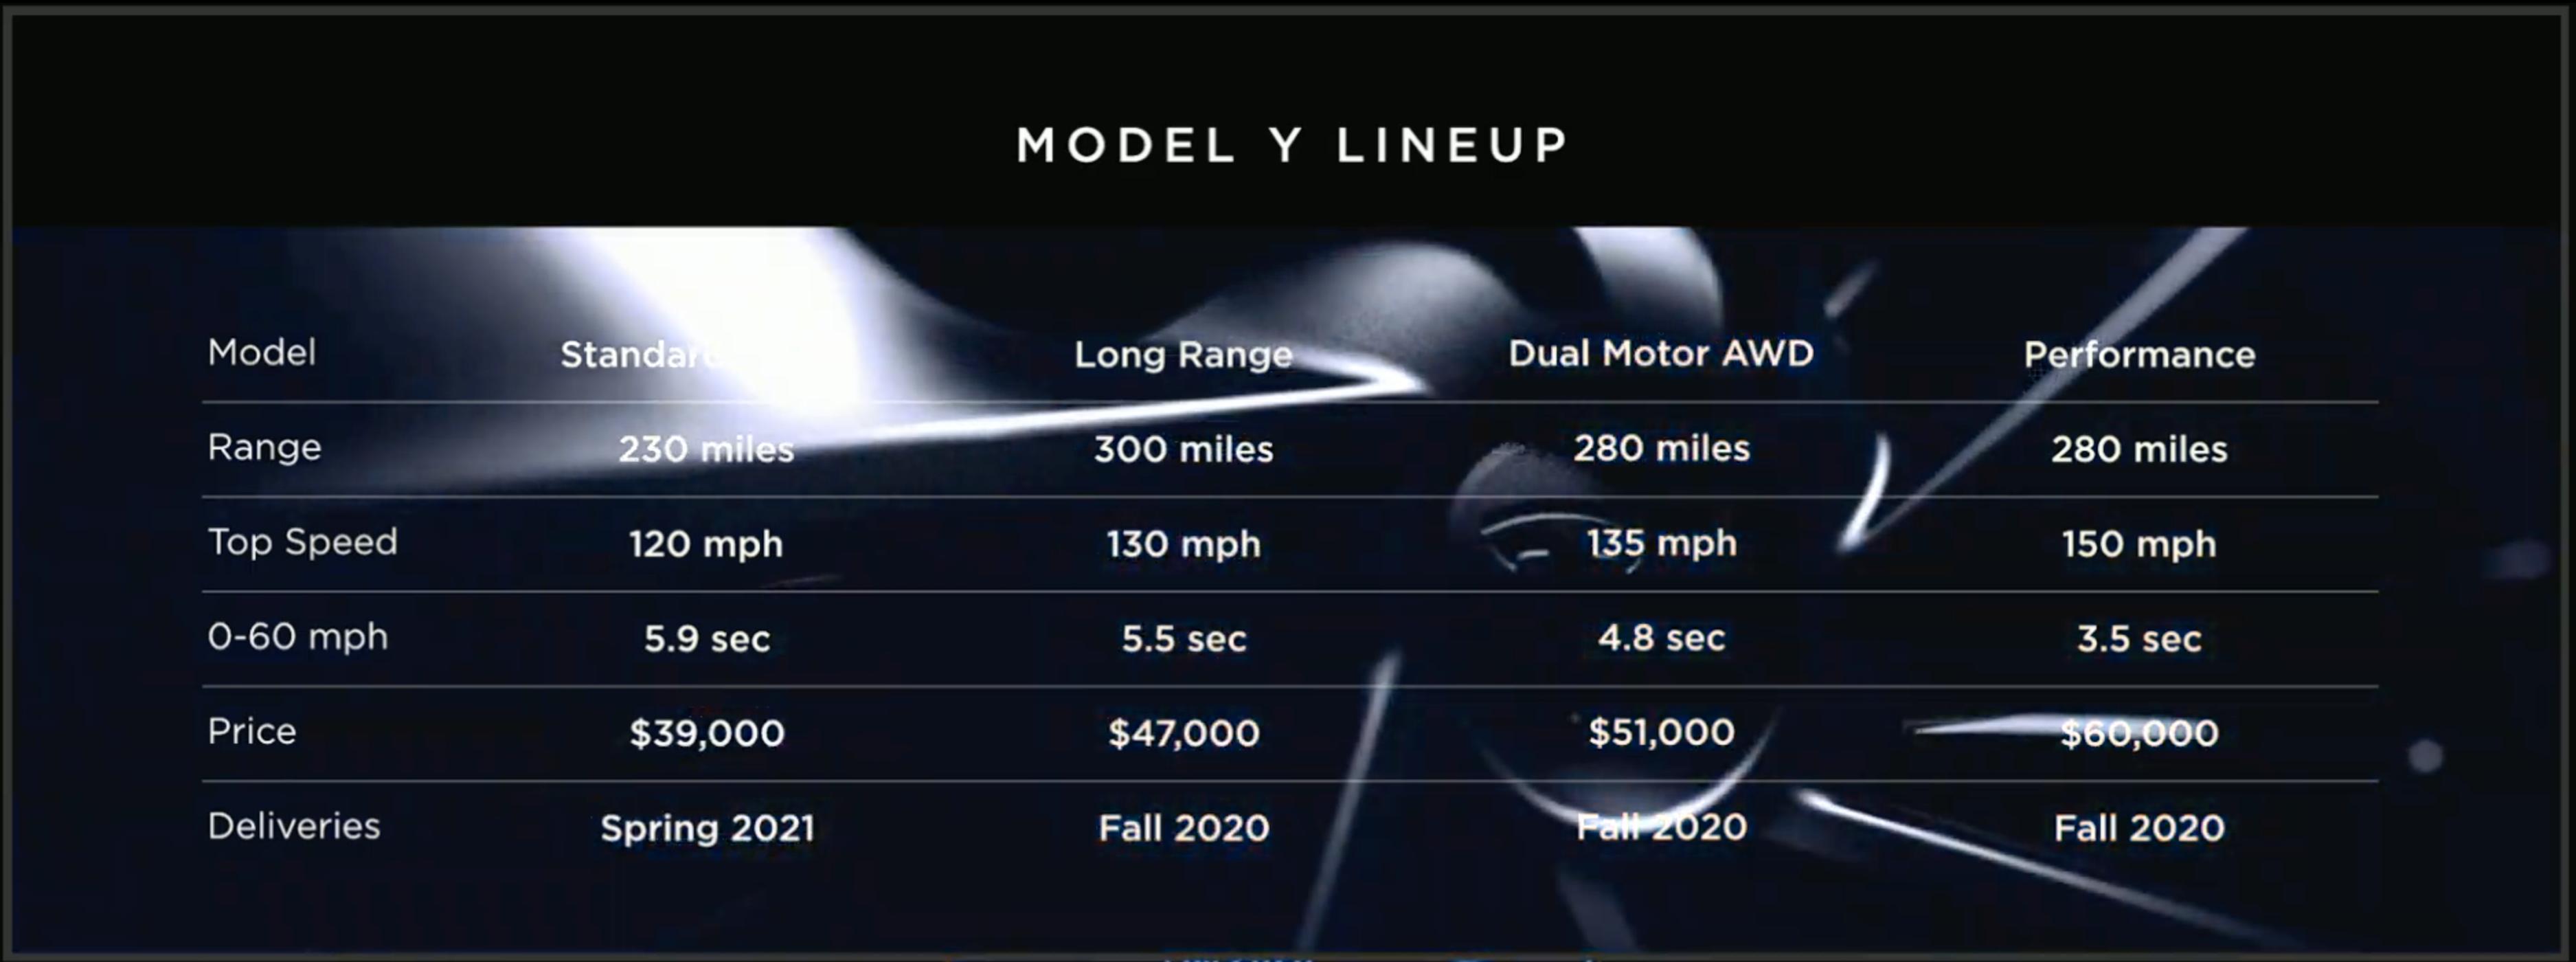 Model Y-utvalget blir likt Model 3-utvalget, med leveransestart på høsten i2020. Foto : Skjermdump